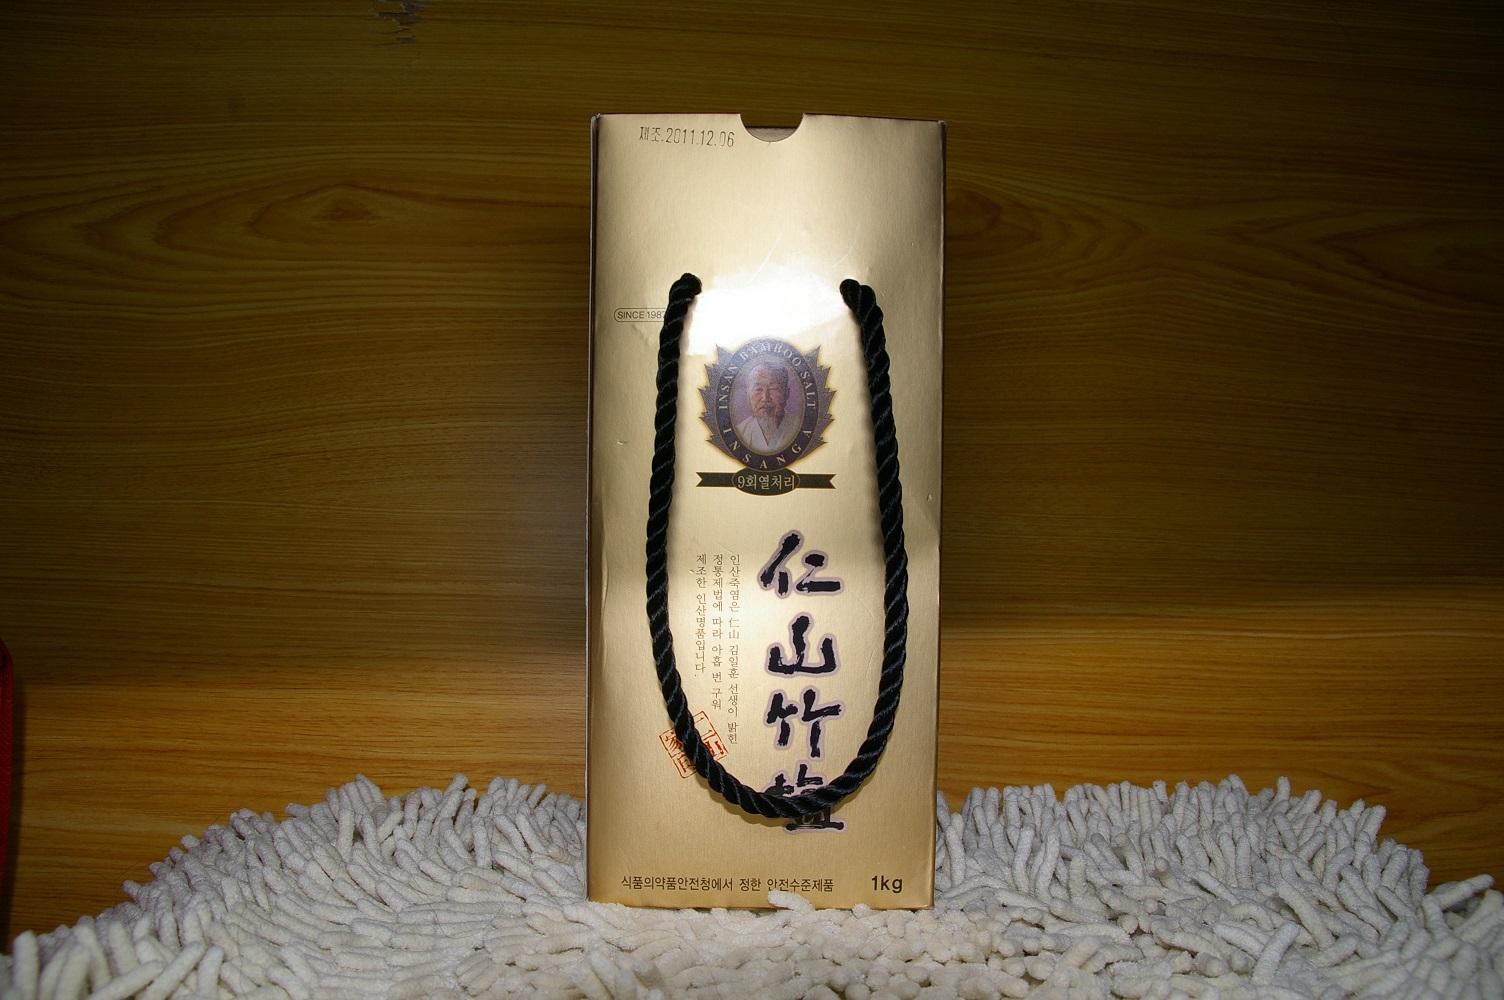 仁山竹塩1kg(個体)竹塩・黒塩・竹炭塩・健康塩 高品質